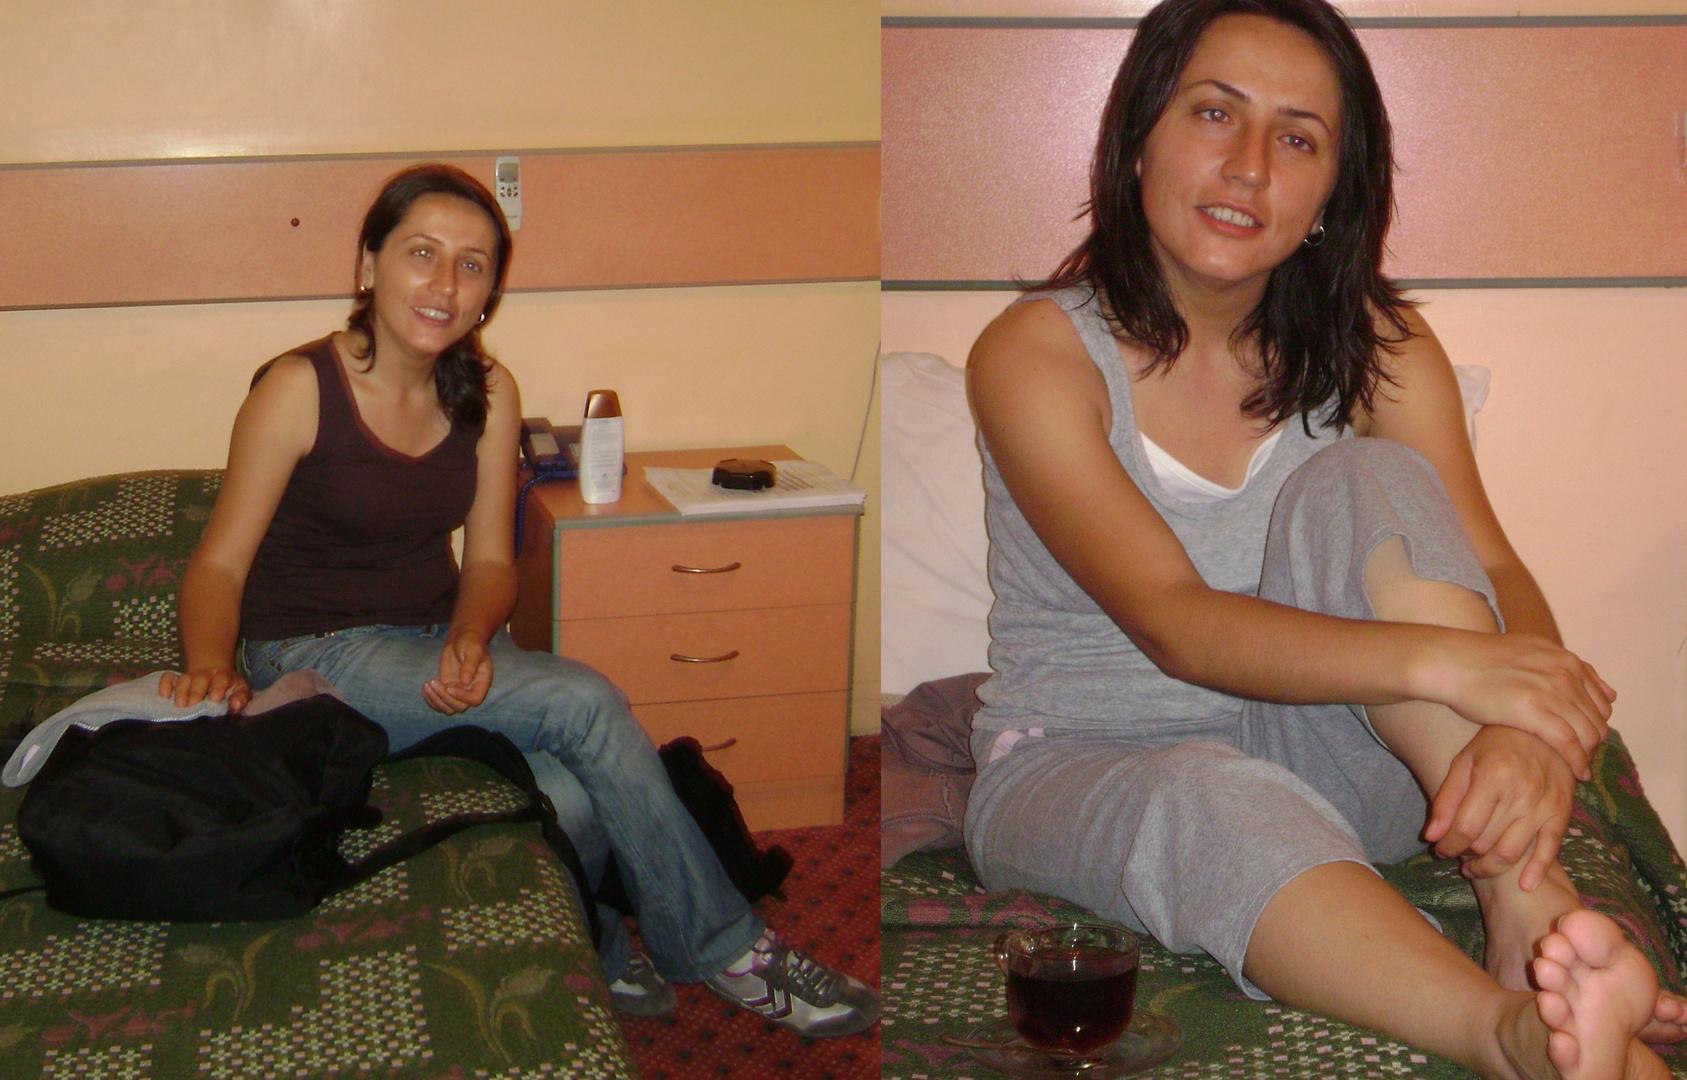 Barfu im hotelzimmer foto bild indoor portrait for Hotelzimmer teilen